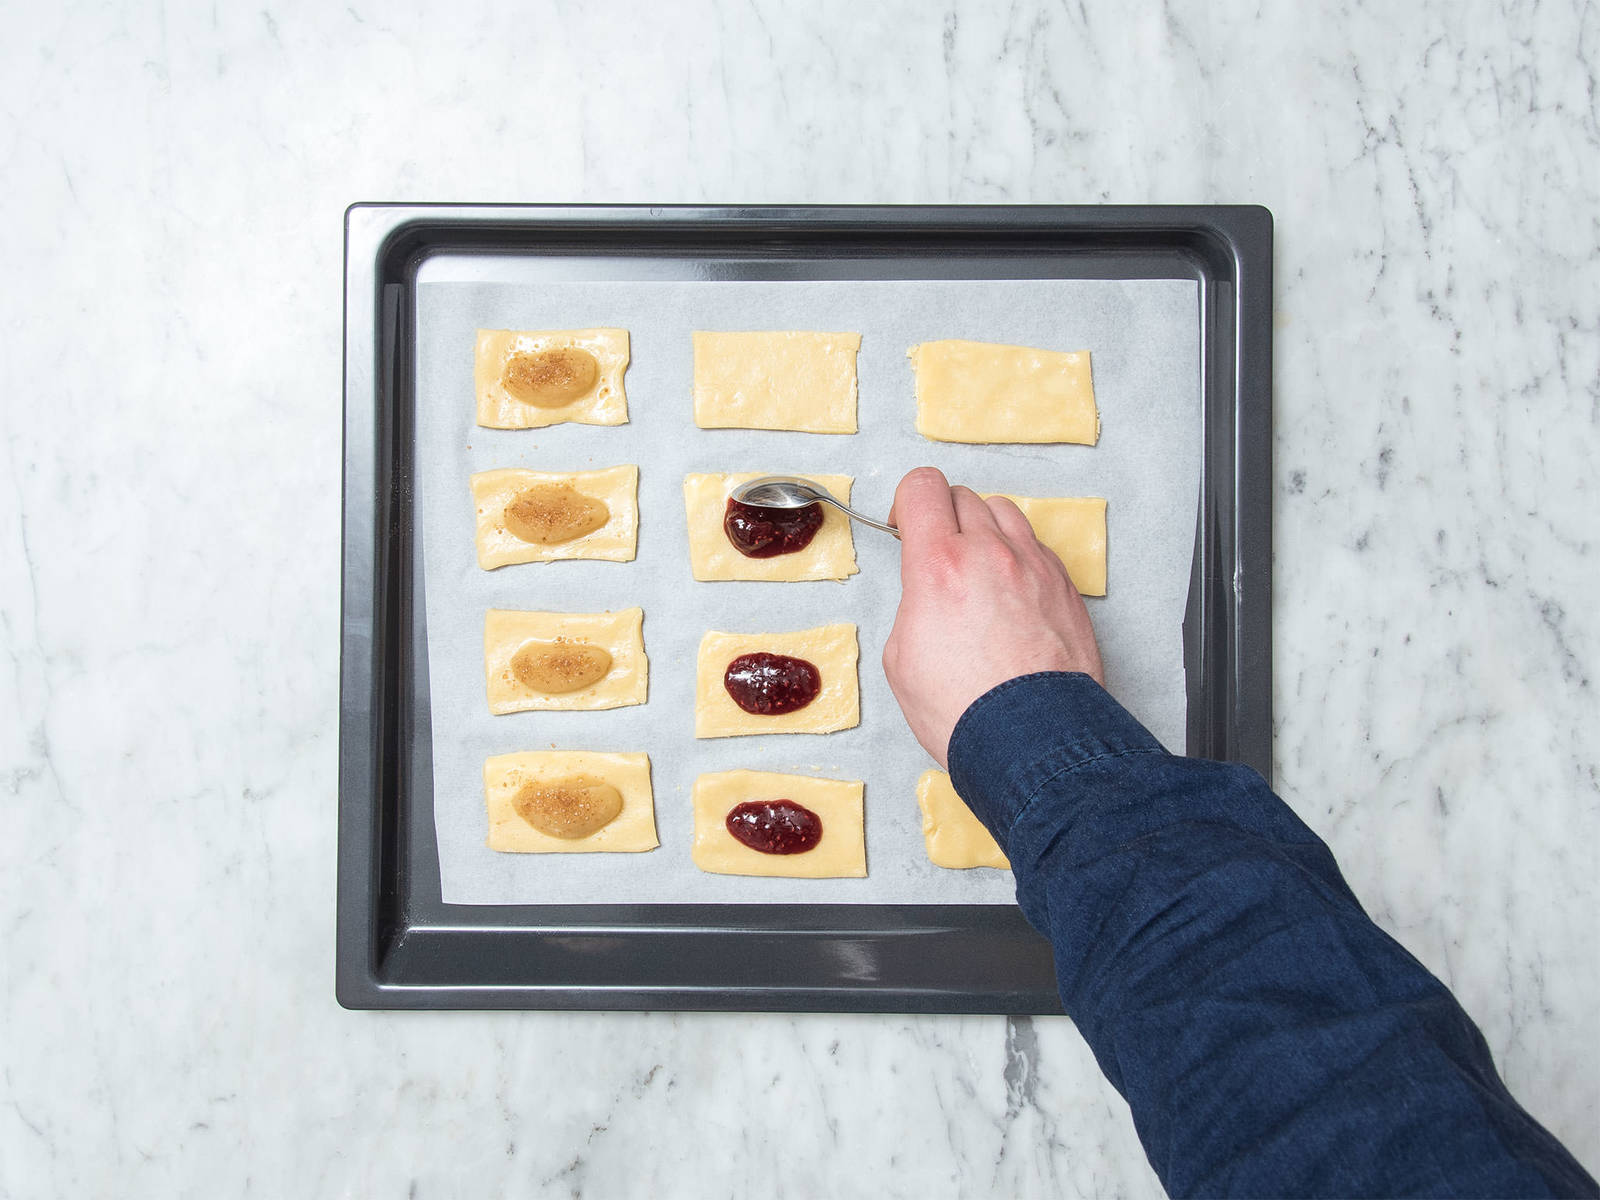 Die Teigrechtecke auf dem Backblech mit der Ei-Milch-Mischung bestreichen. Auf einem Drittel Apfelmus verteilen und mit Zimt-Zucker-Mischung bestreuen. Auf ein weiteres Drittel teelöffelweise Marmeladen-Füllung und auf die restlichen Teigrechtecke Nutella in die Mitte geben. Dabei immer etwas Abstand zu den Rändern lassen.